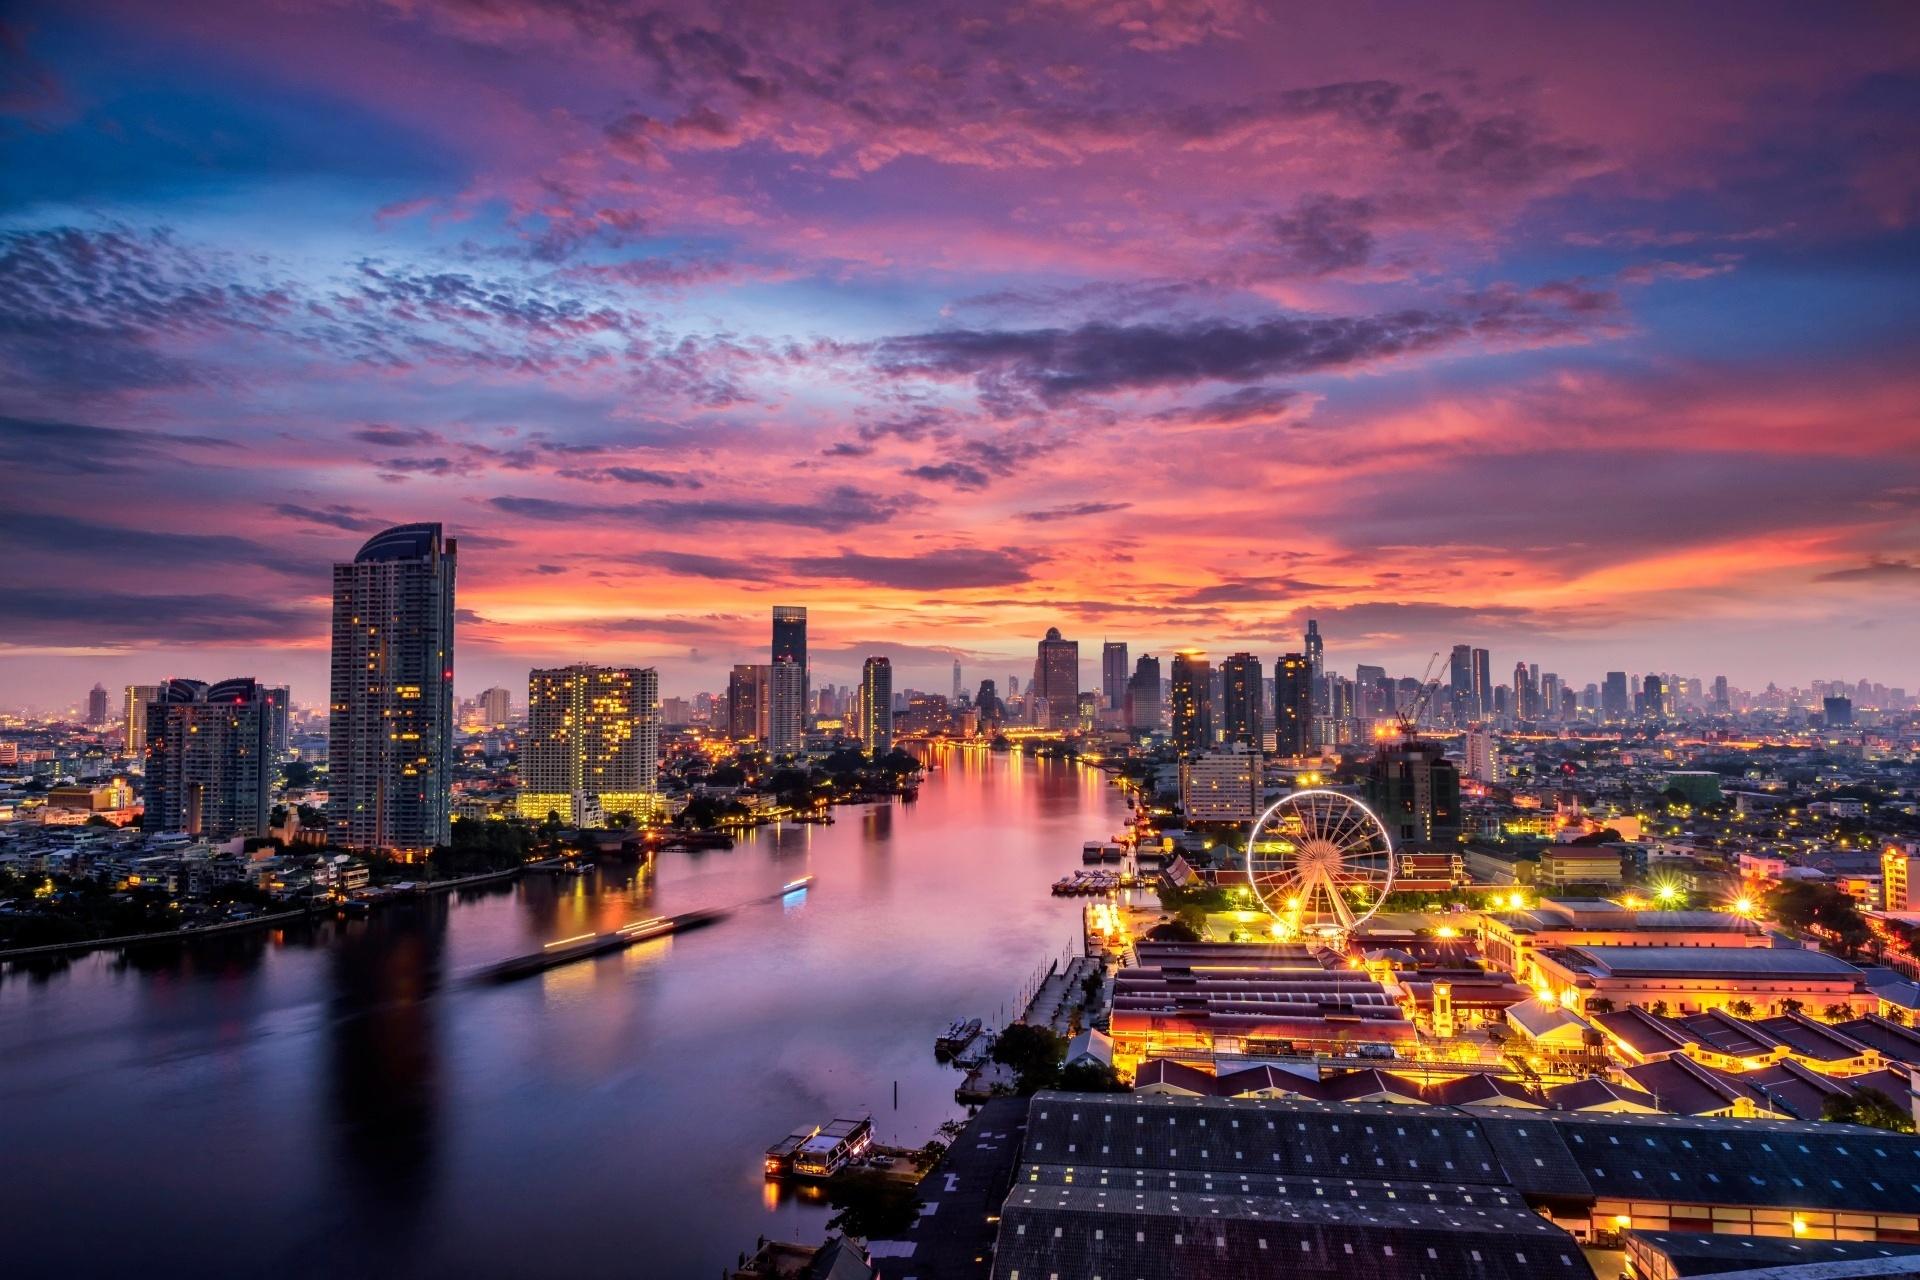 朝焼けのバンコクの町並み タイの風景